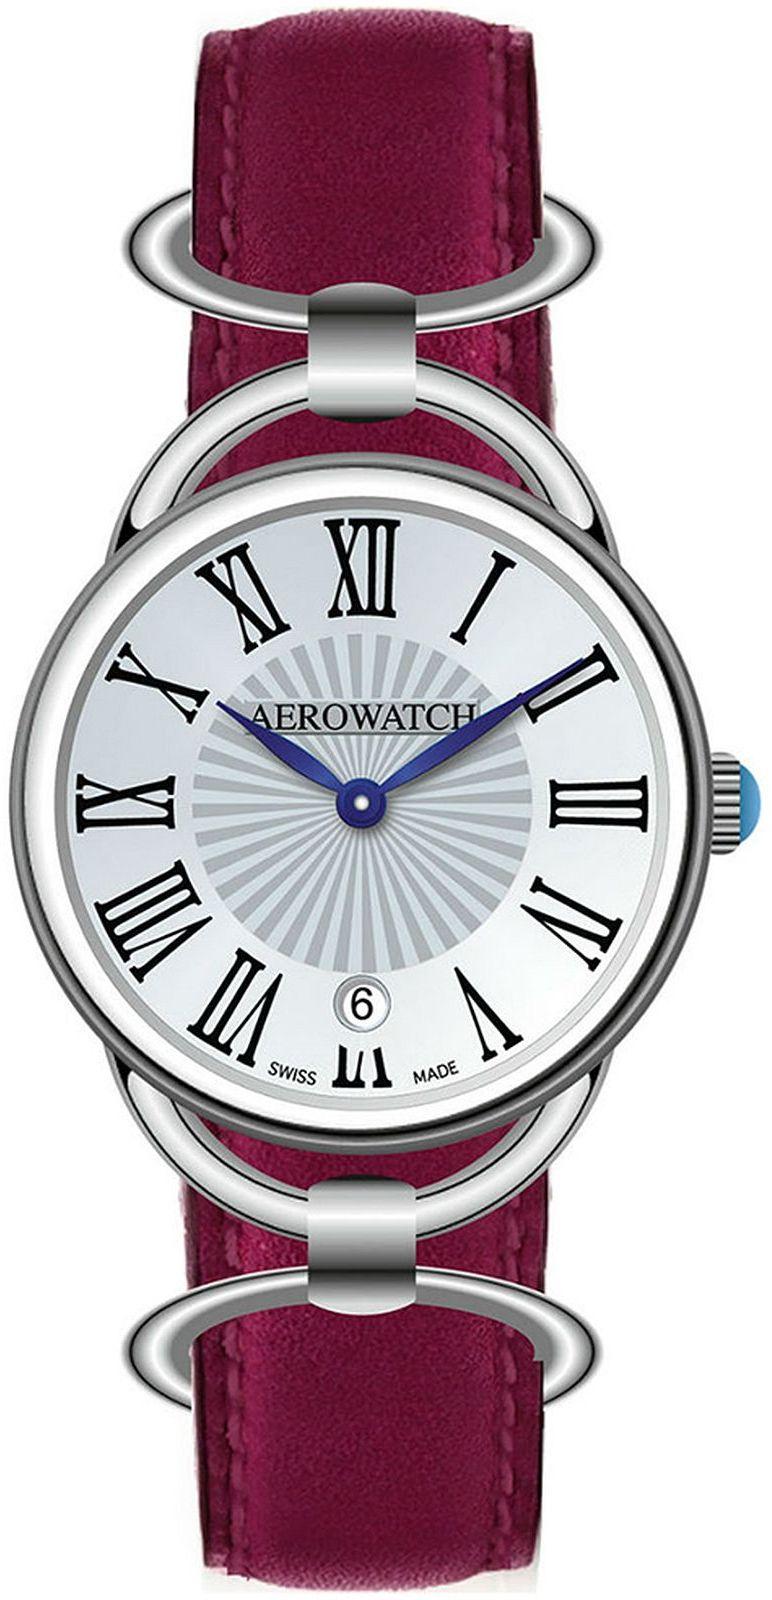 Aerowatch 07977-AA01 > Wysyłka tego samego dnia Grawer 0zł Darmowa dostawa Kurierem/Inpost Darmowy zwrot przez 100 DNI